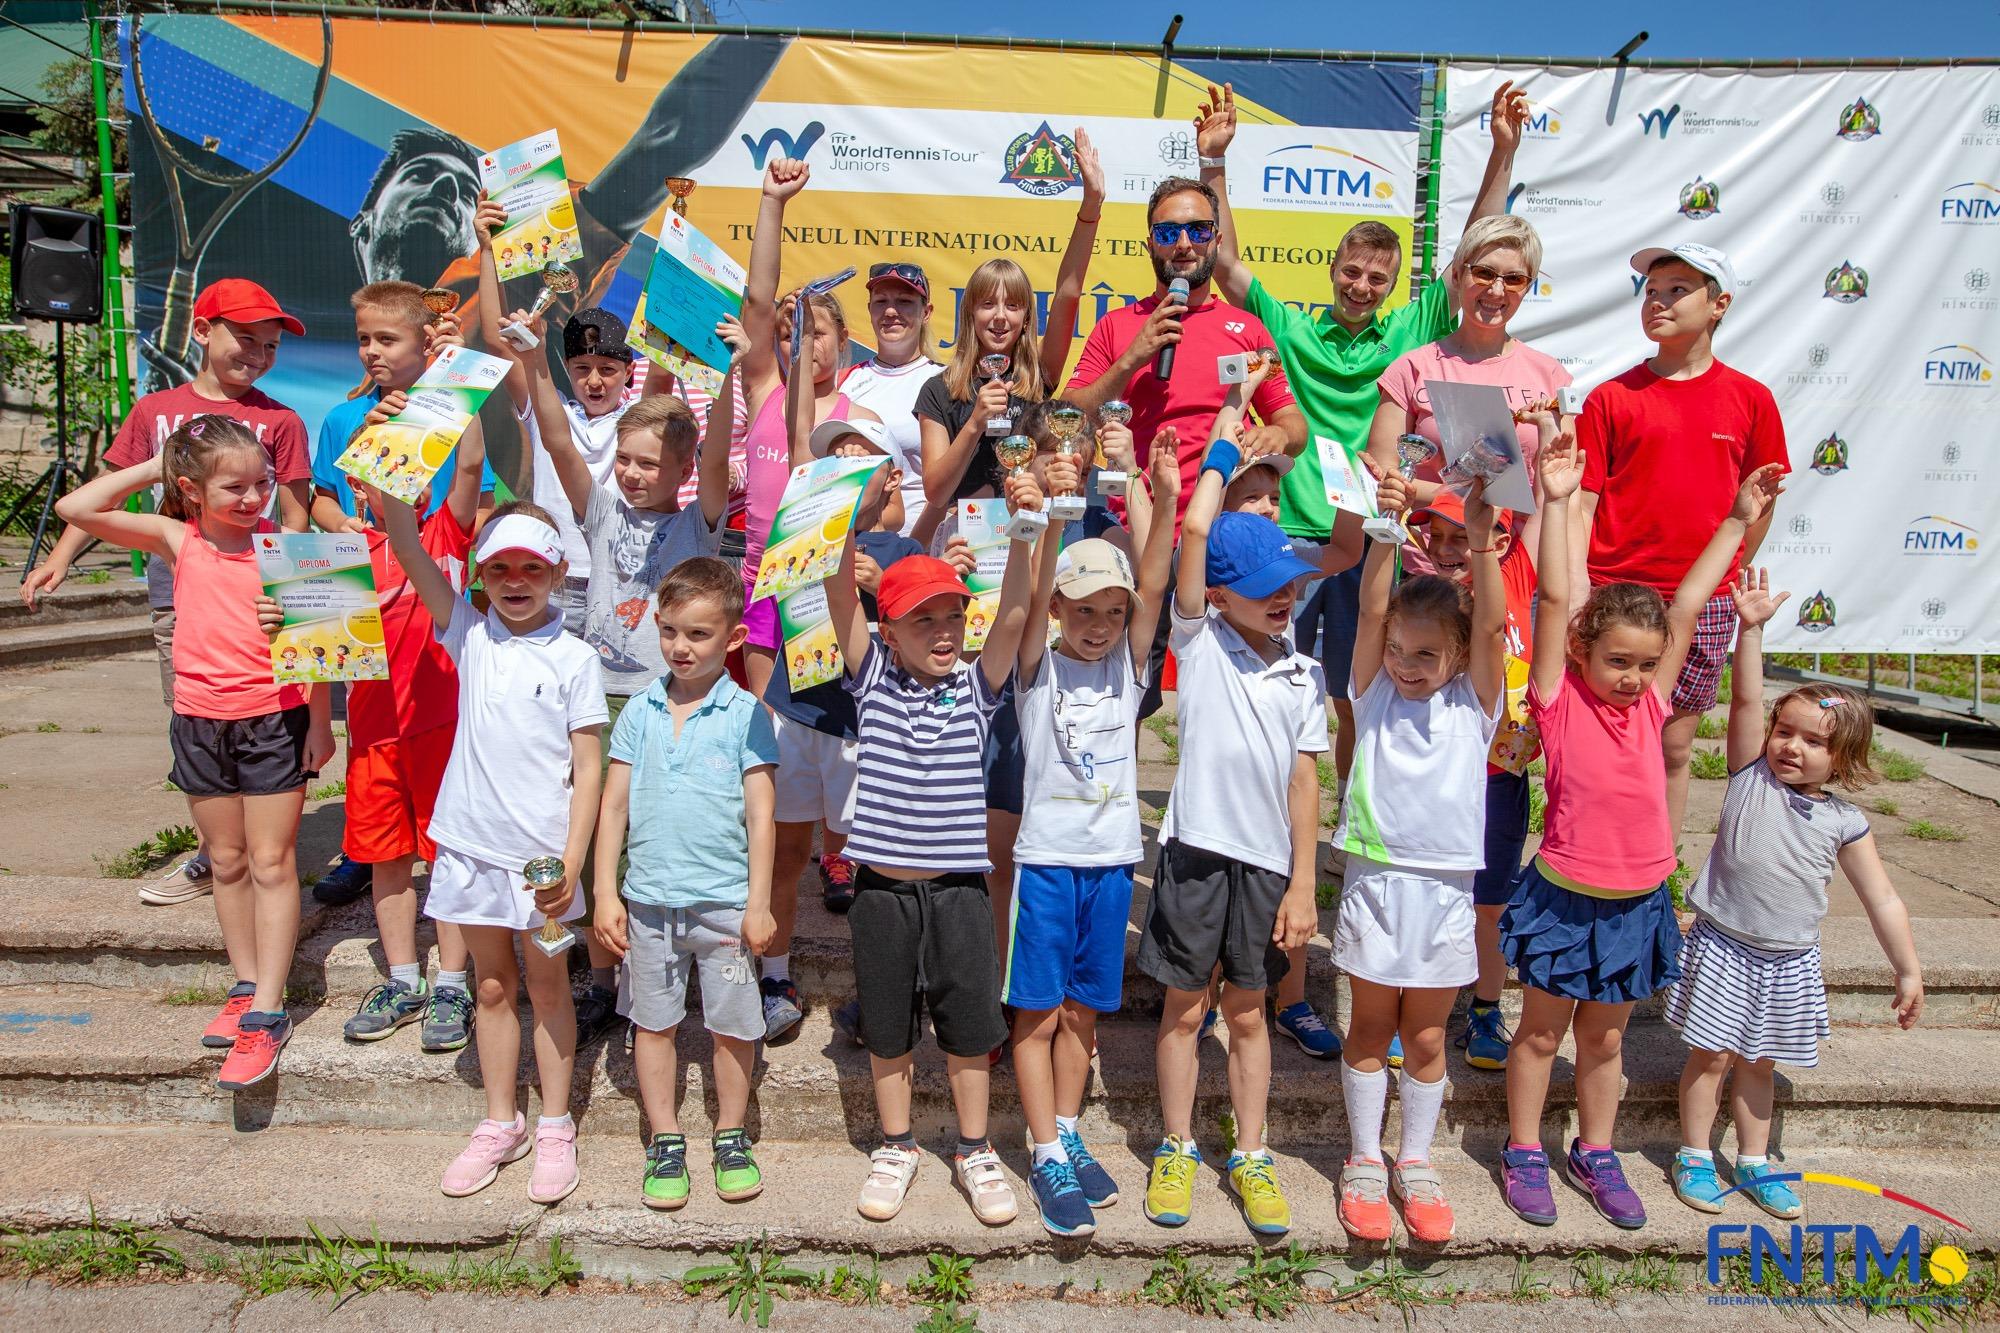 Cupa Copiilor 2019: Micii campioni au avut parte de o adevărată sărbătoare